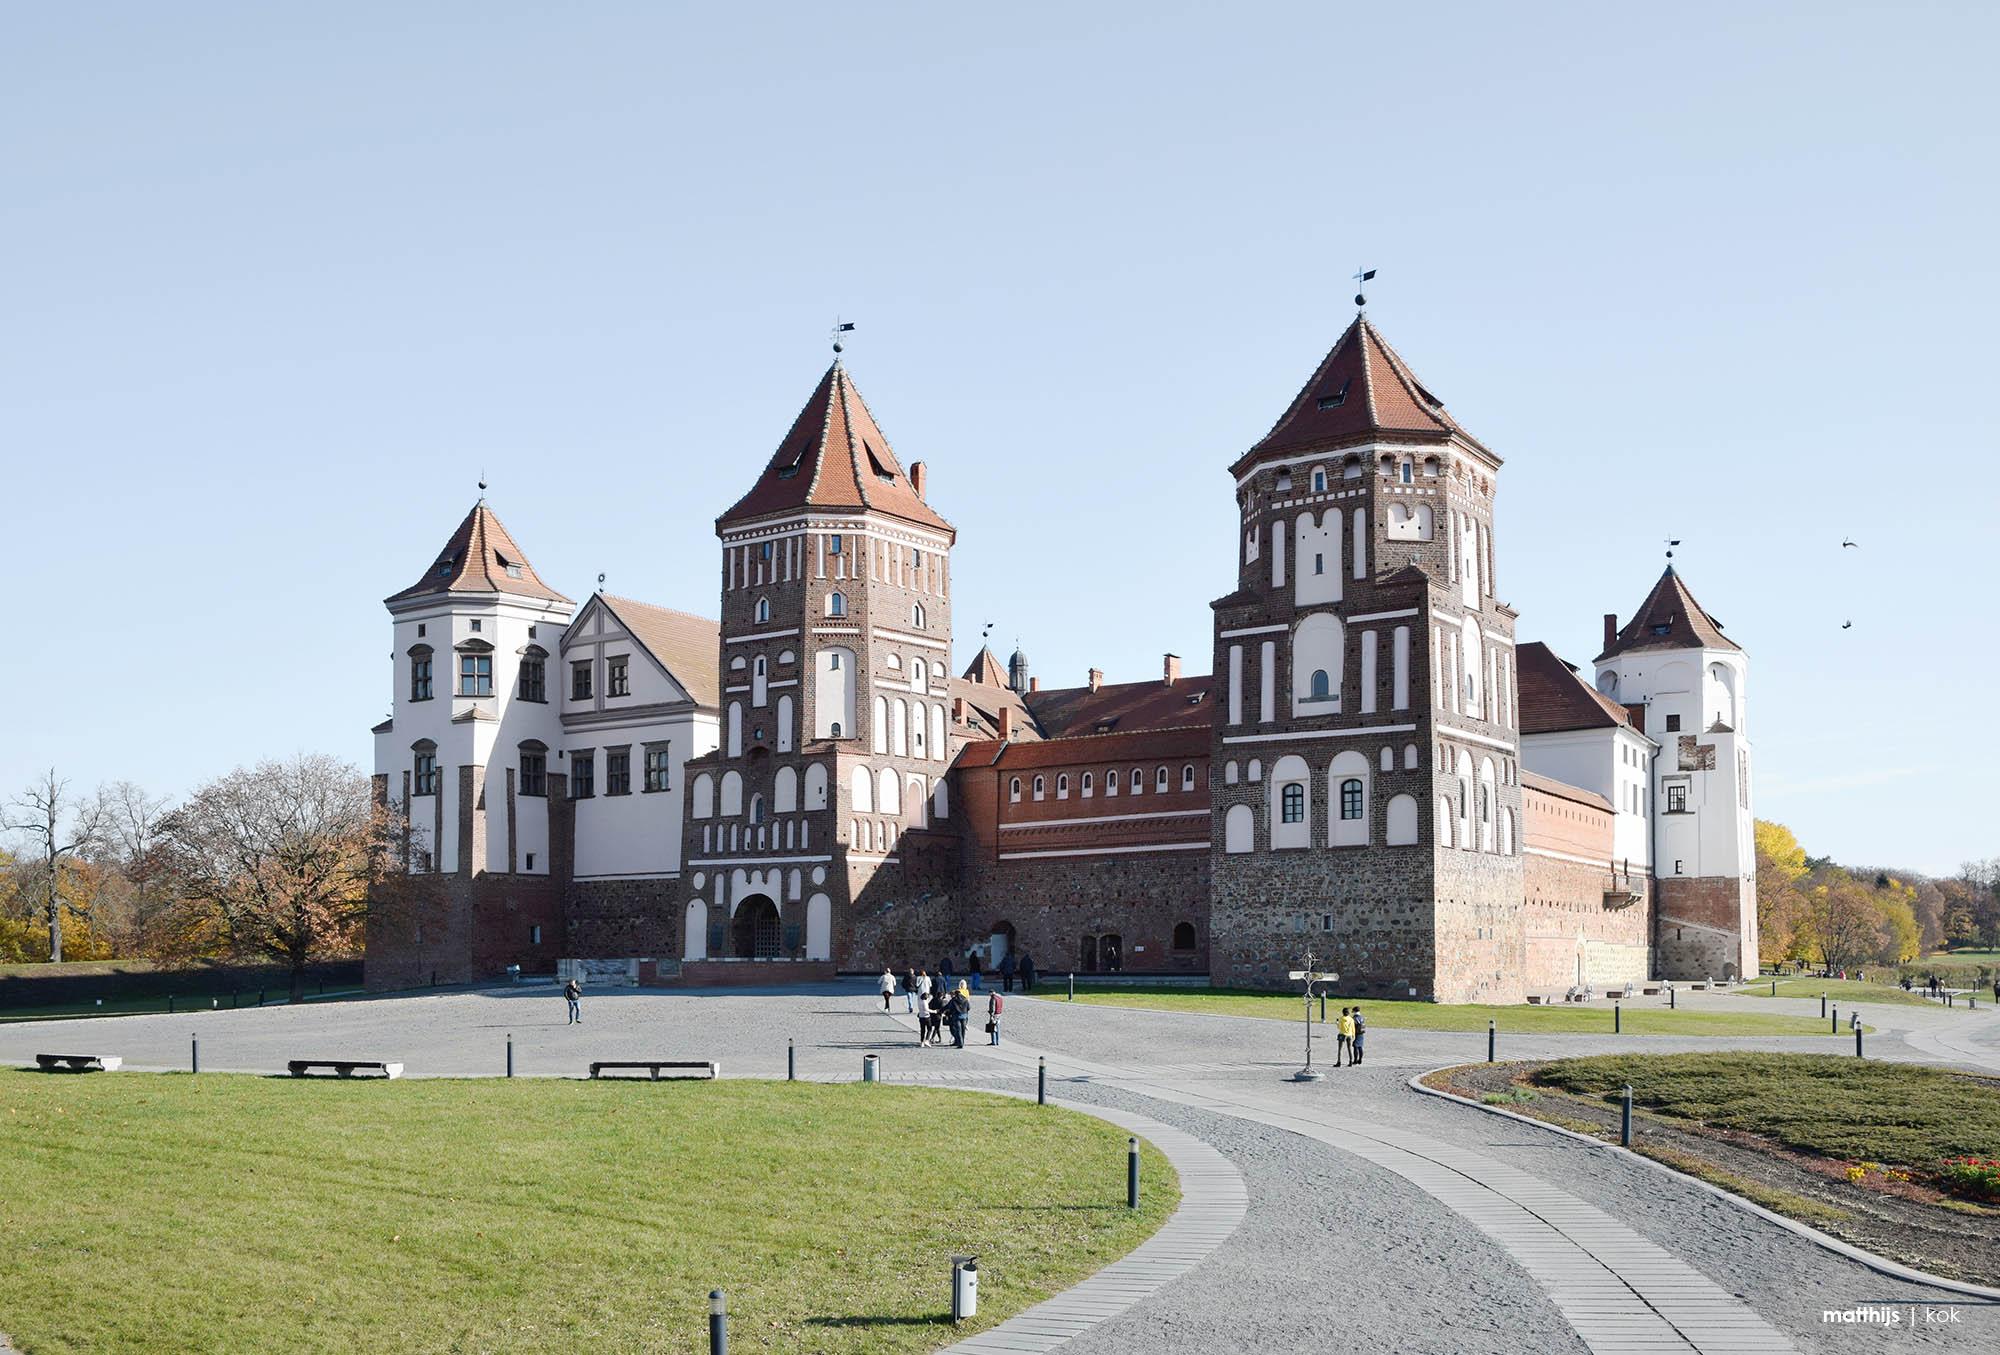 Mir Castle, Mir, Belarus | Photo by Matthijs Kok